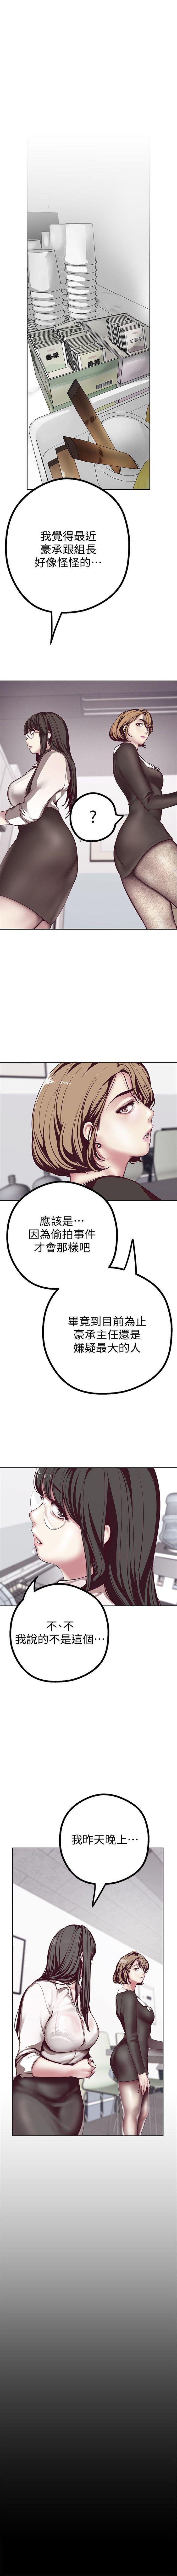 (週1)美麗新世界 1-70 中文翻譯 (更新中) 120